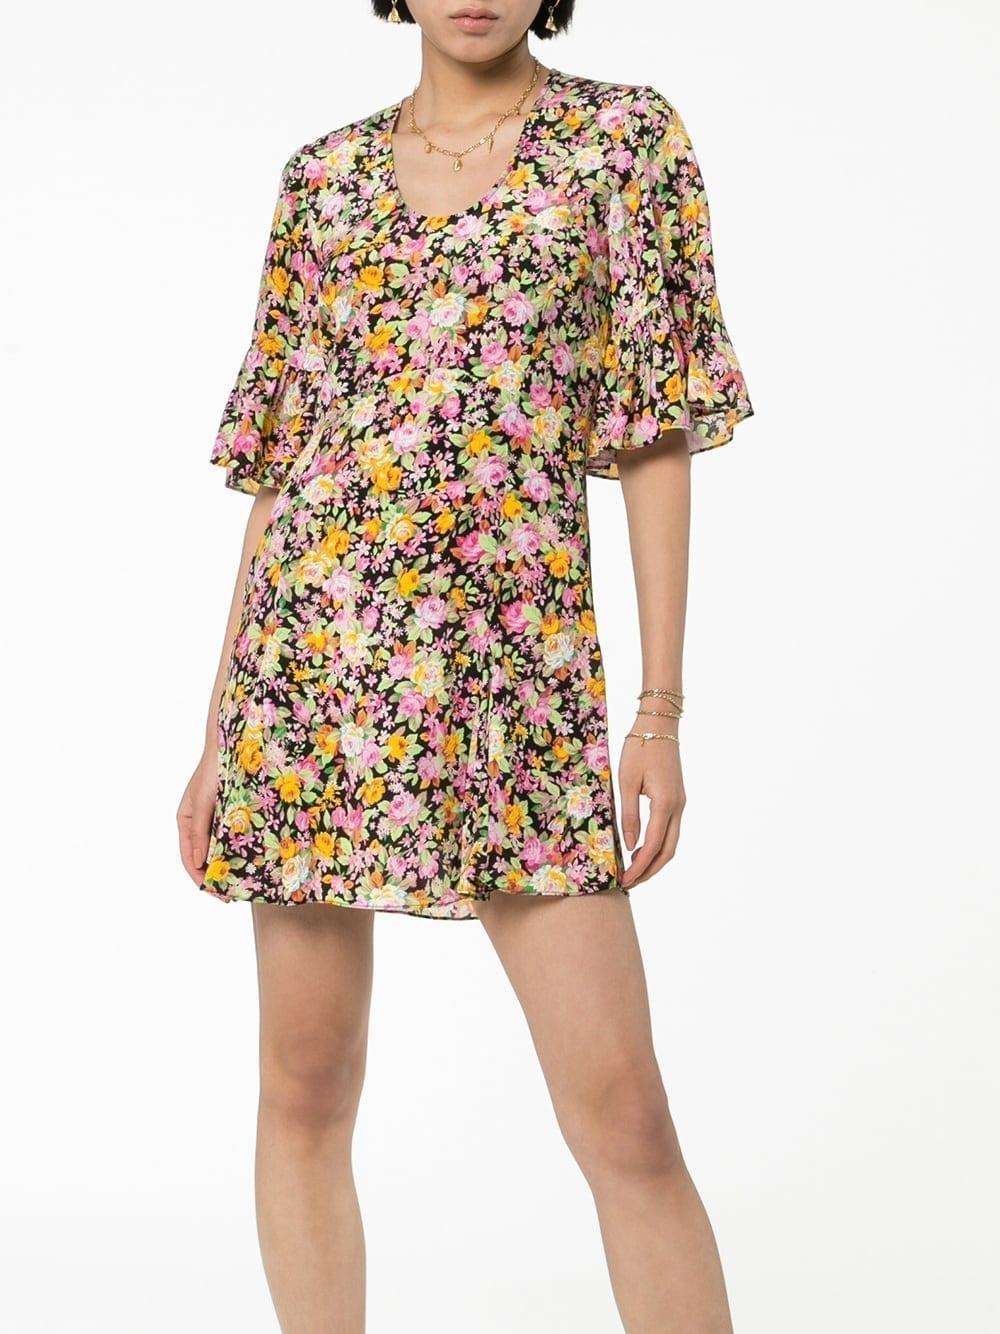 LES REVERIES Floral Silk Mini Dress